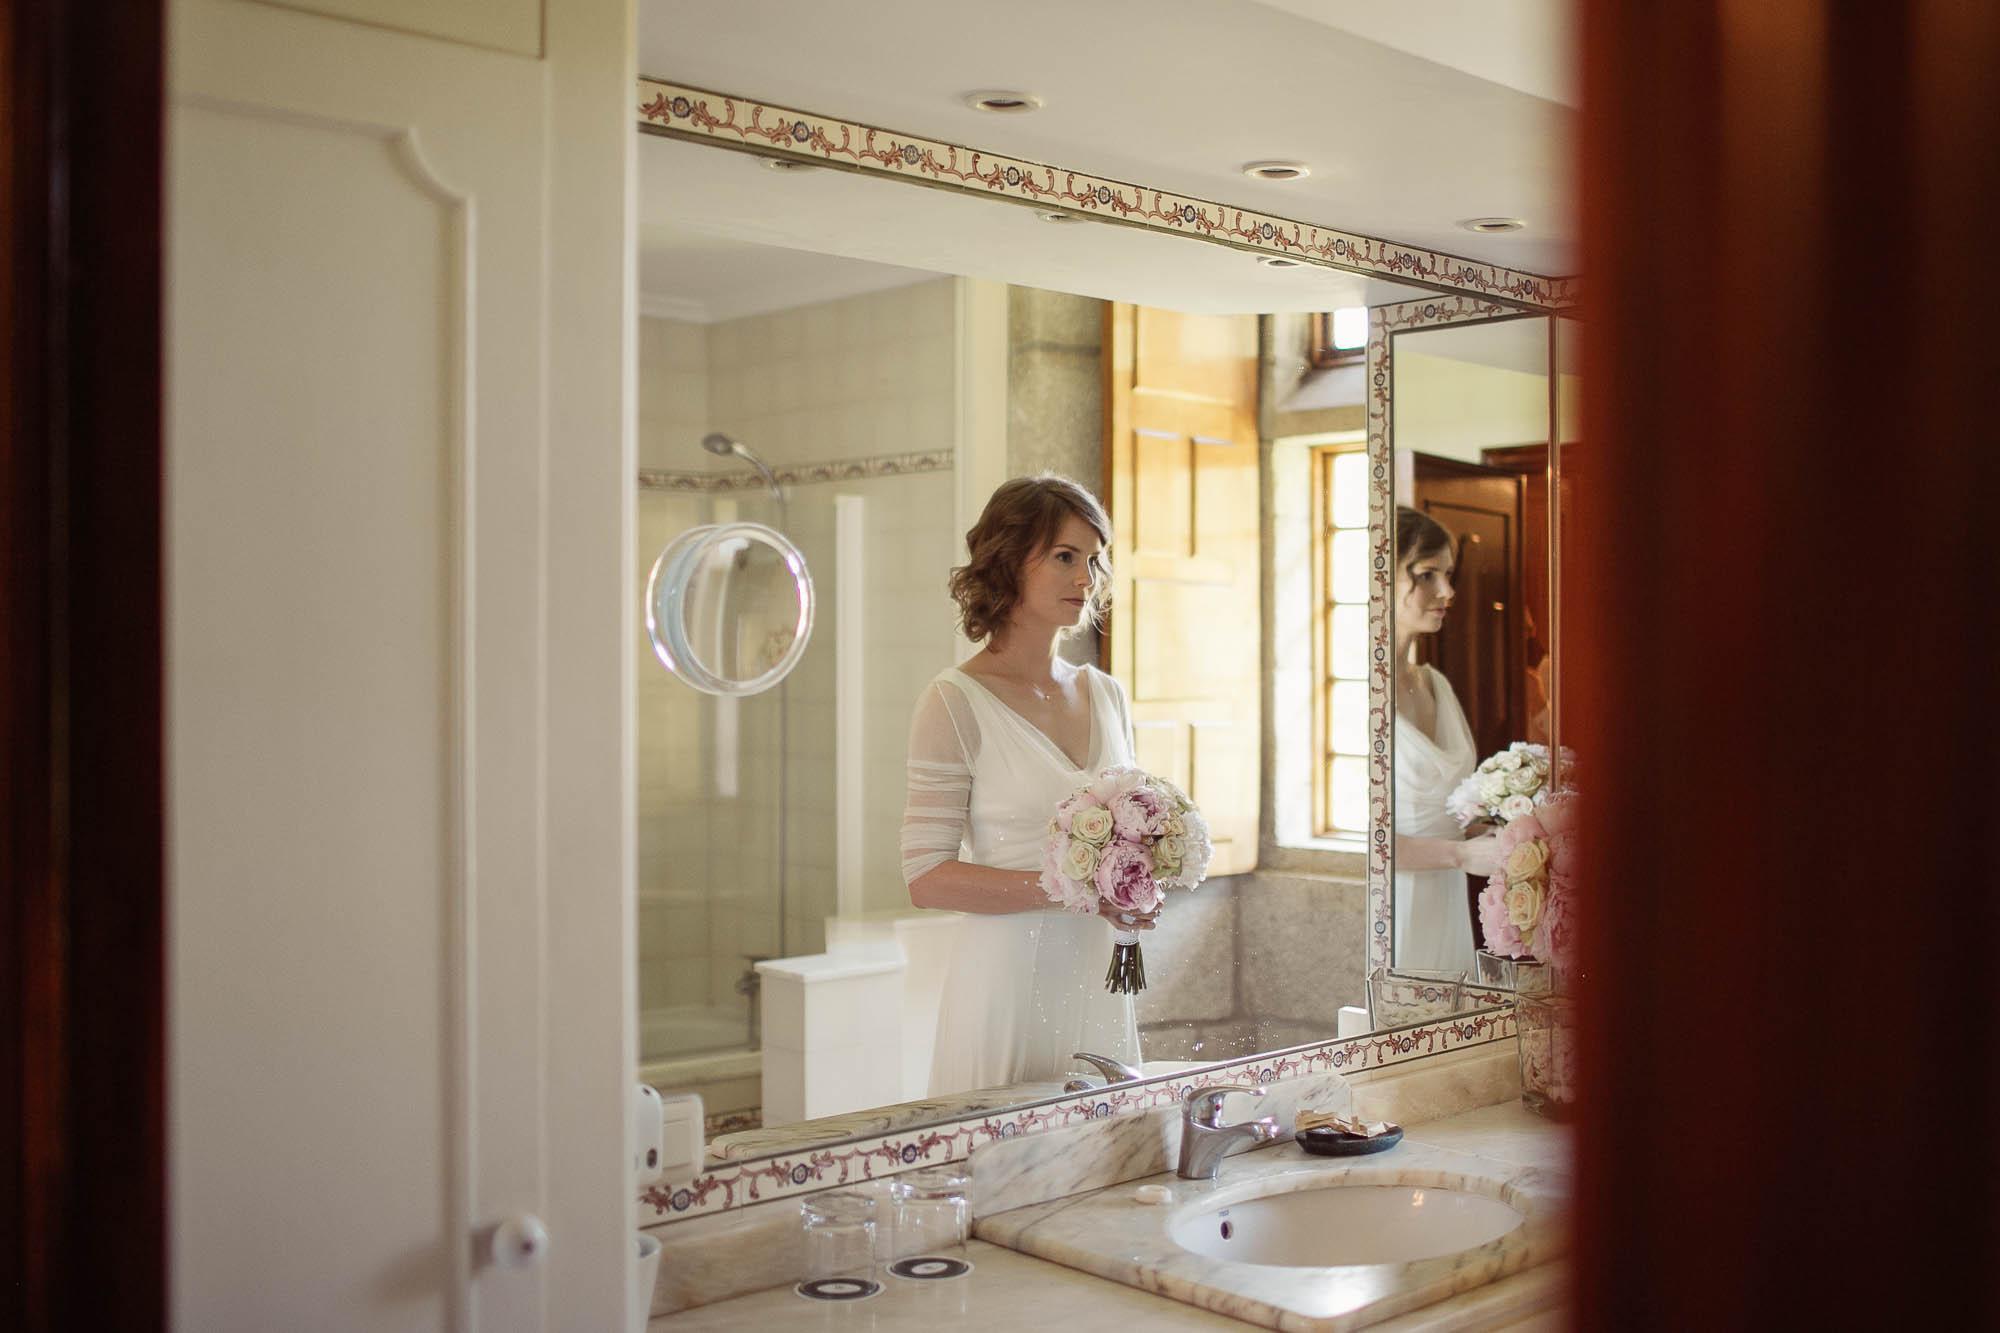 La novia se mira en el espejo del baño de su habitación antes de salir por la puerta camino al altar